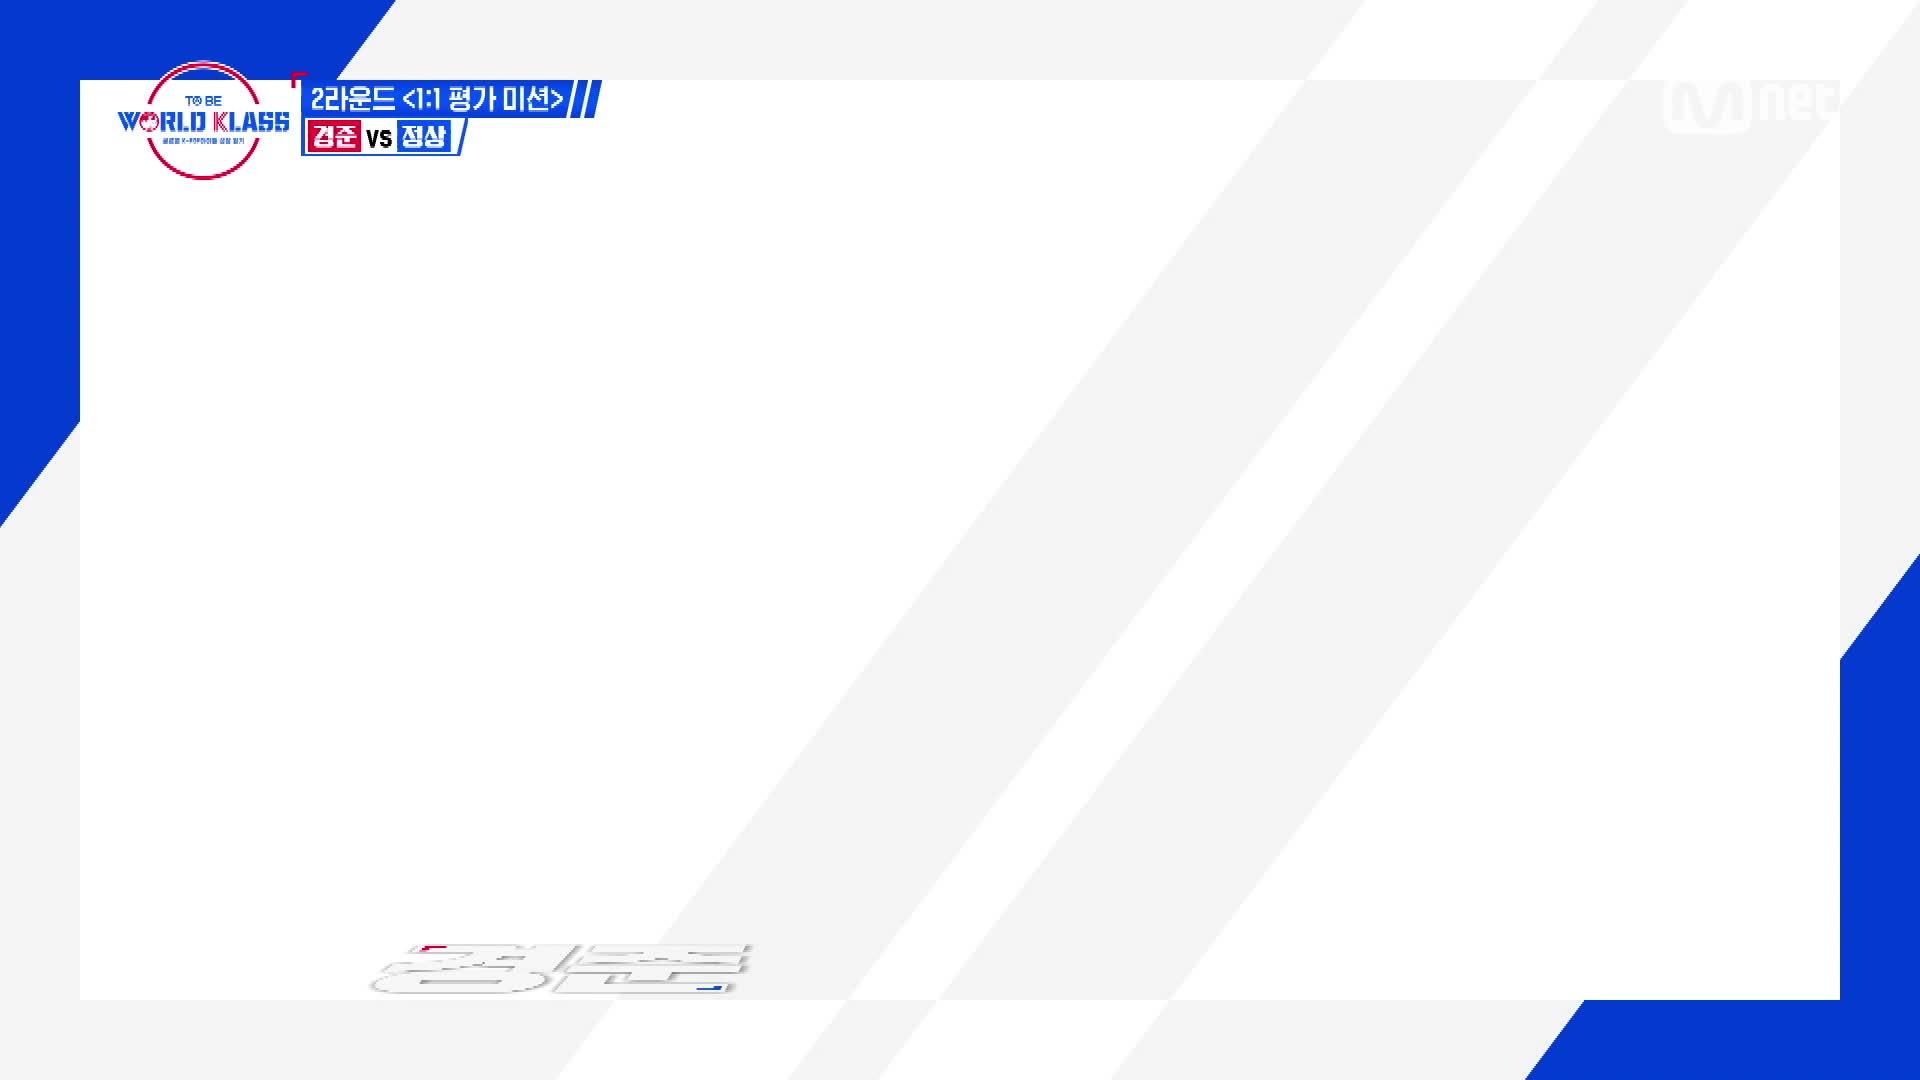 [9회] '인트로로 시선집중' ♬ Watch Me(Feat. Dr.Dre) - 경준&정상